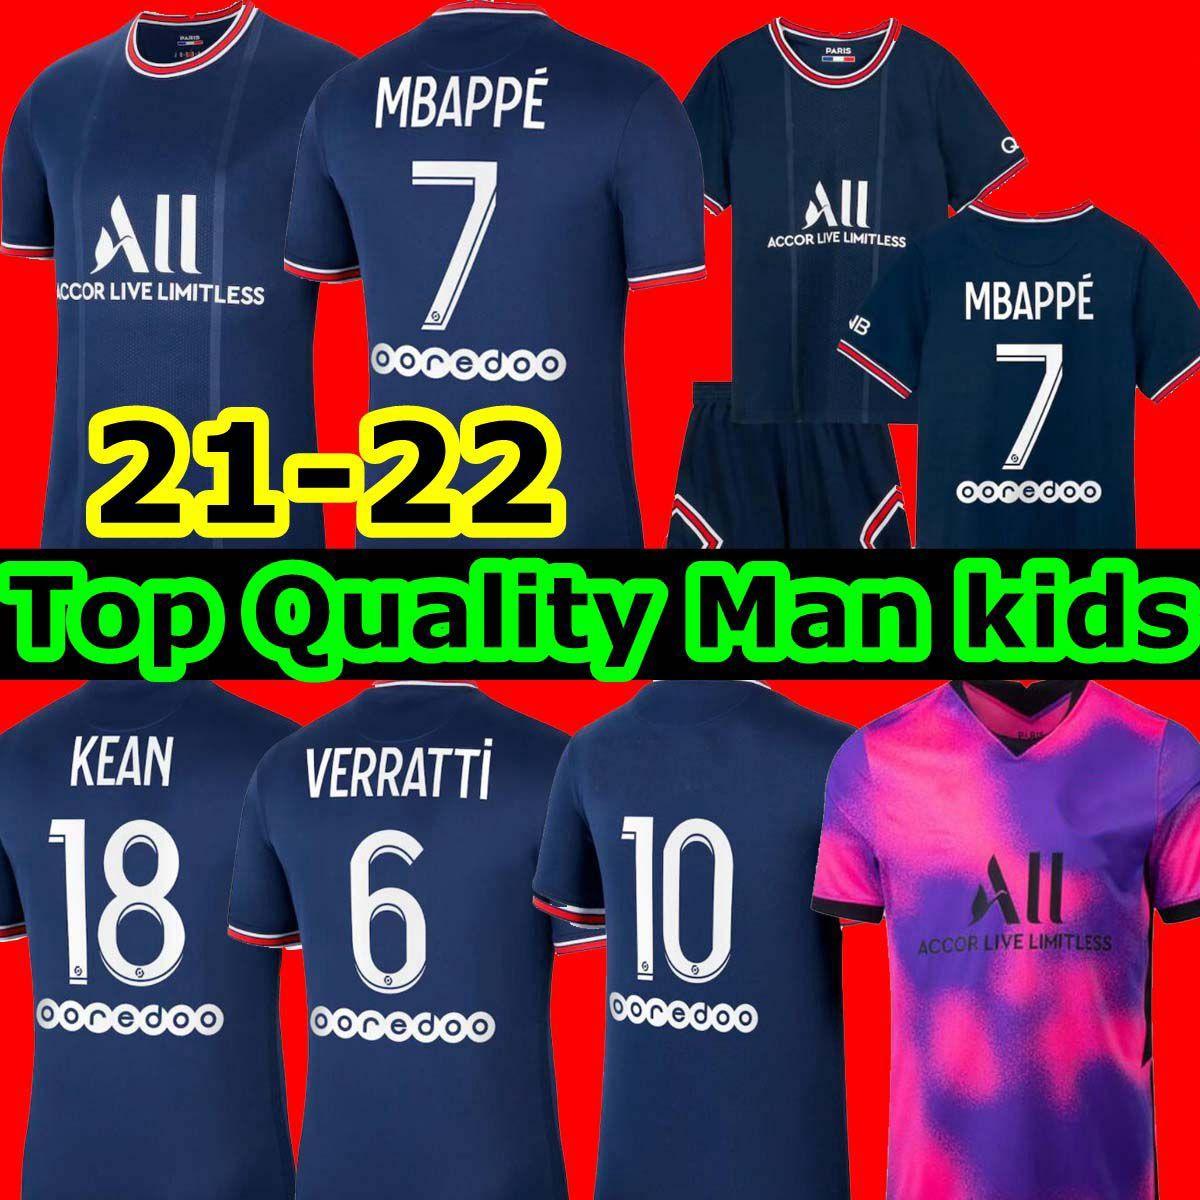 Mbappe Kean Soccer Jersey 21 22 Mailleots de Football Shirts 2021 2022 Marquinhos Verratti Kimpembe الرجال الاطفال مجموعات الزي الزي العريط أطقم الكبار الرابعة مع الجوارب